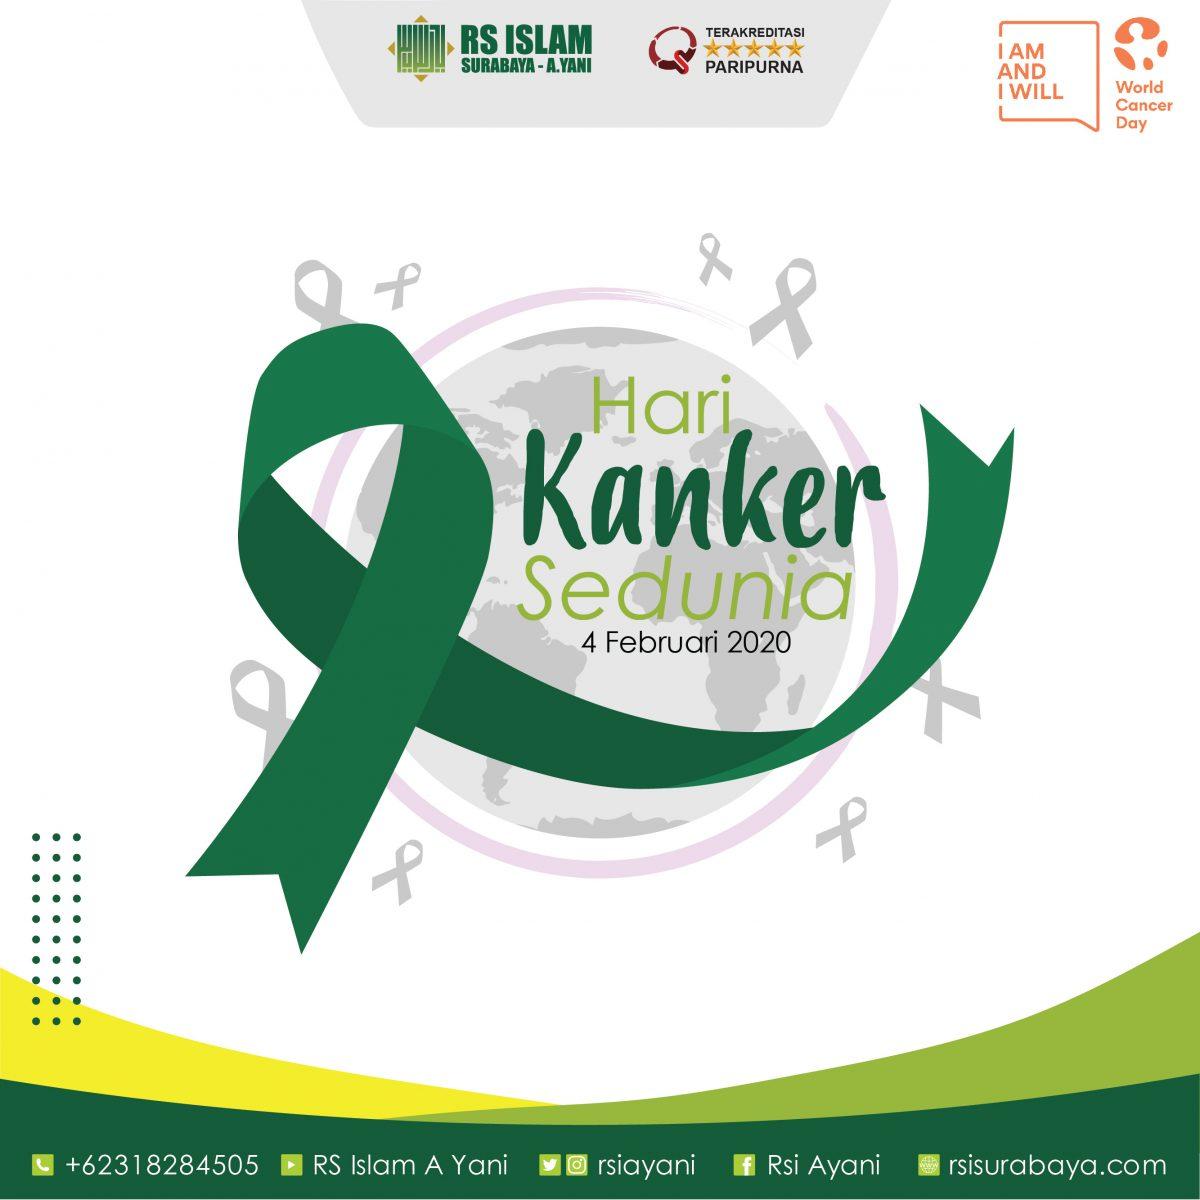 kanker-01-1200x1200.jpg